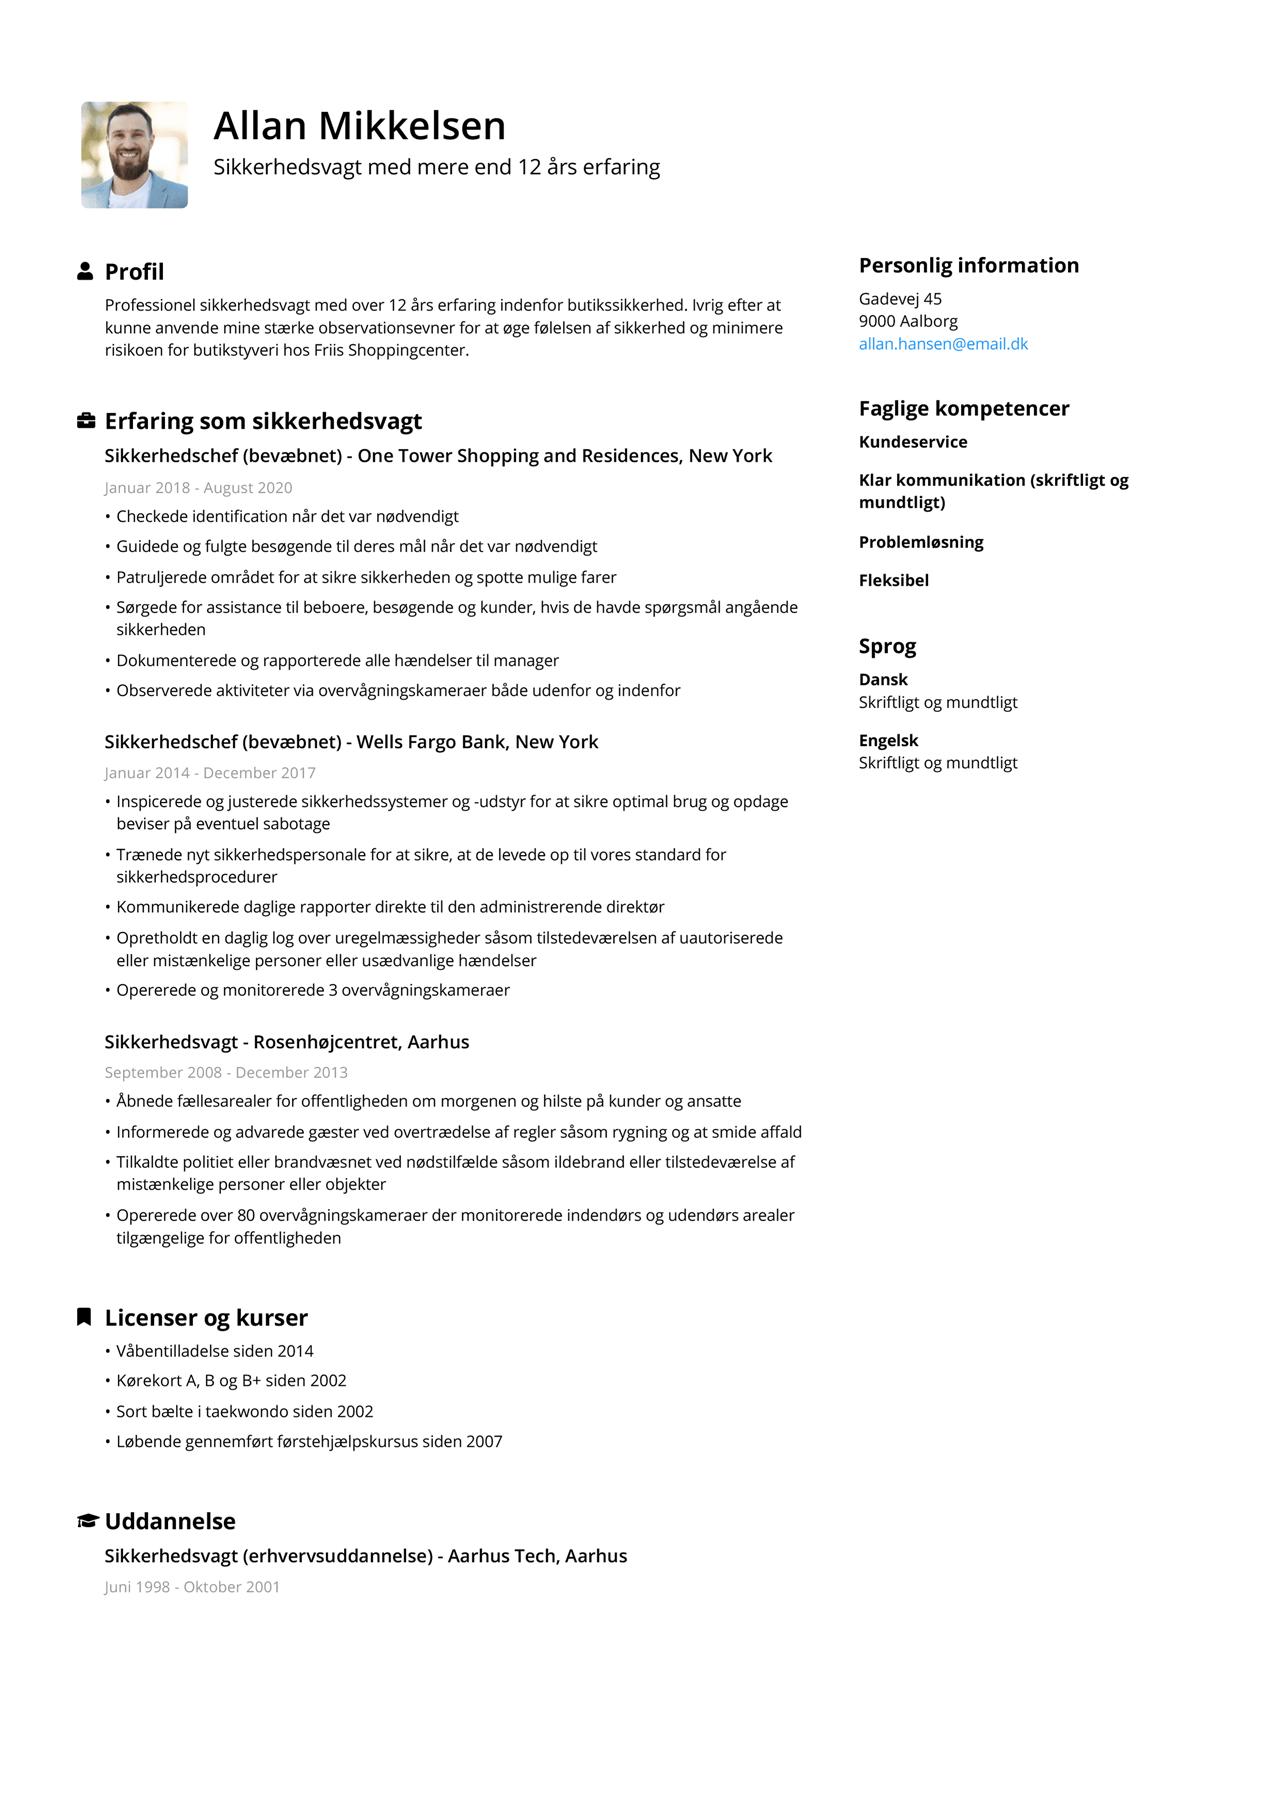 Billede af sikkerhedsvagts CV i omvendt kronologisk rækkefølge